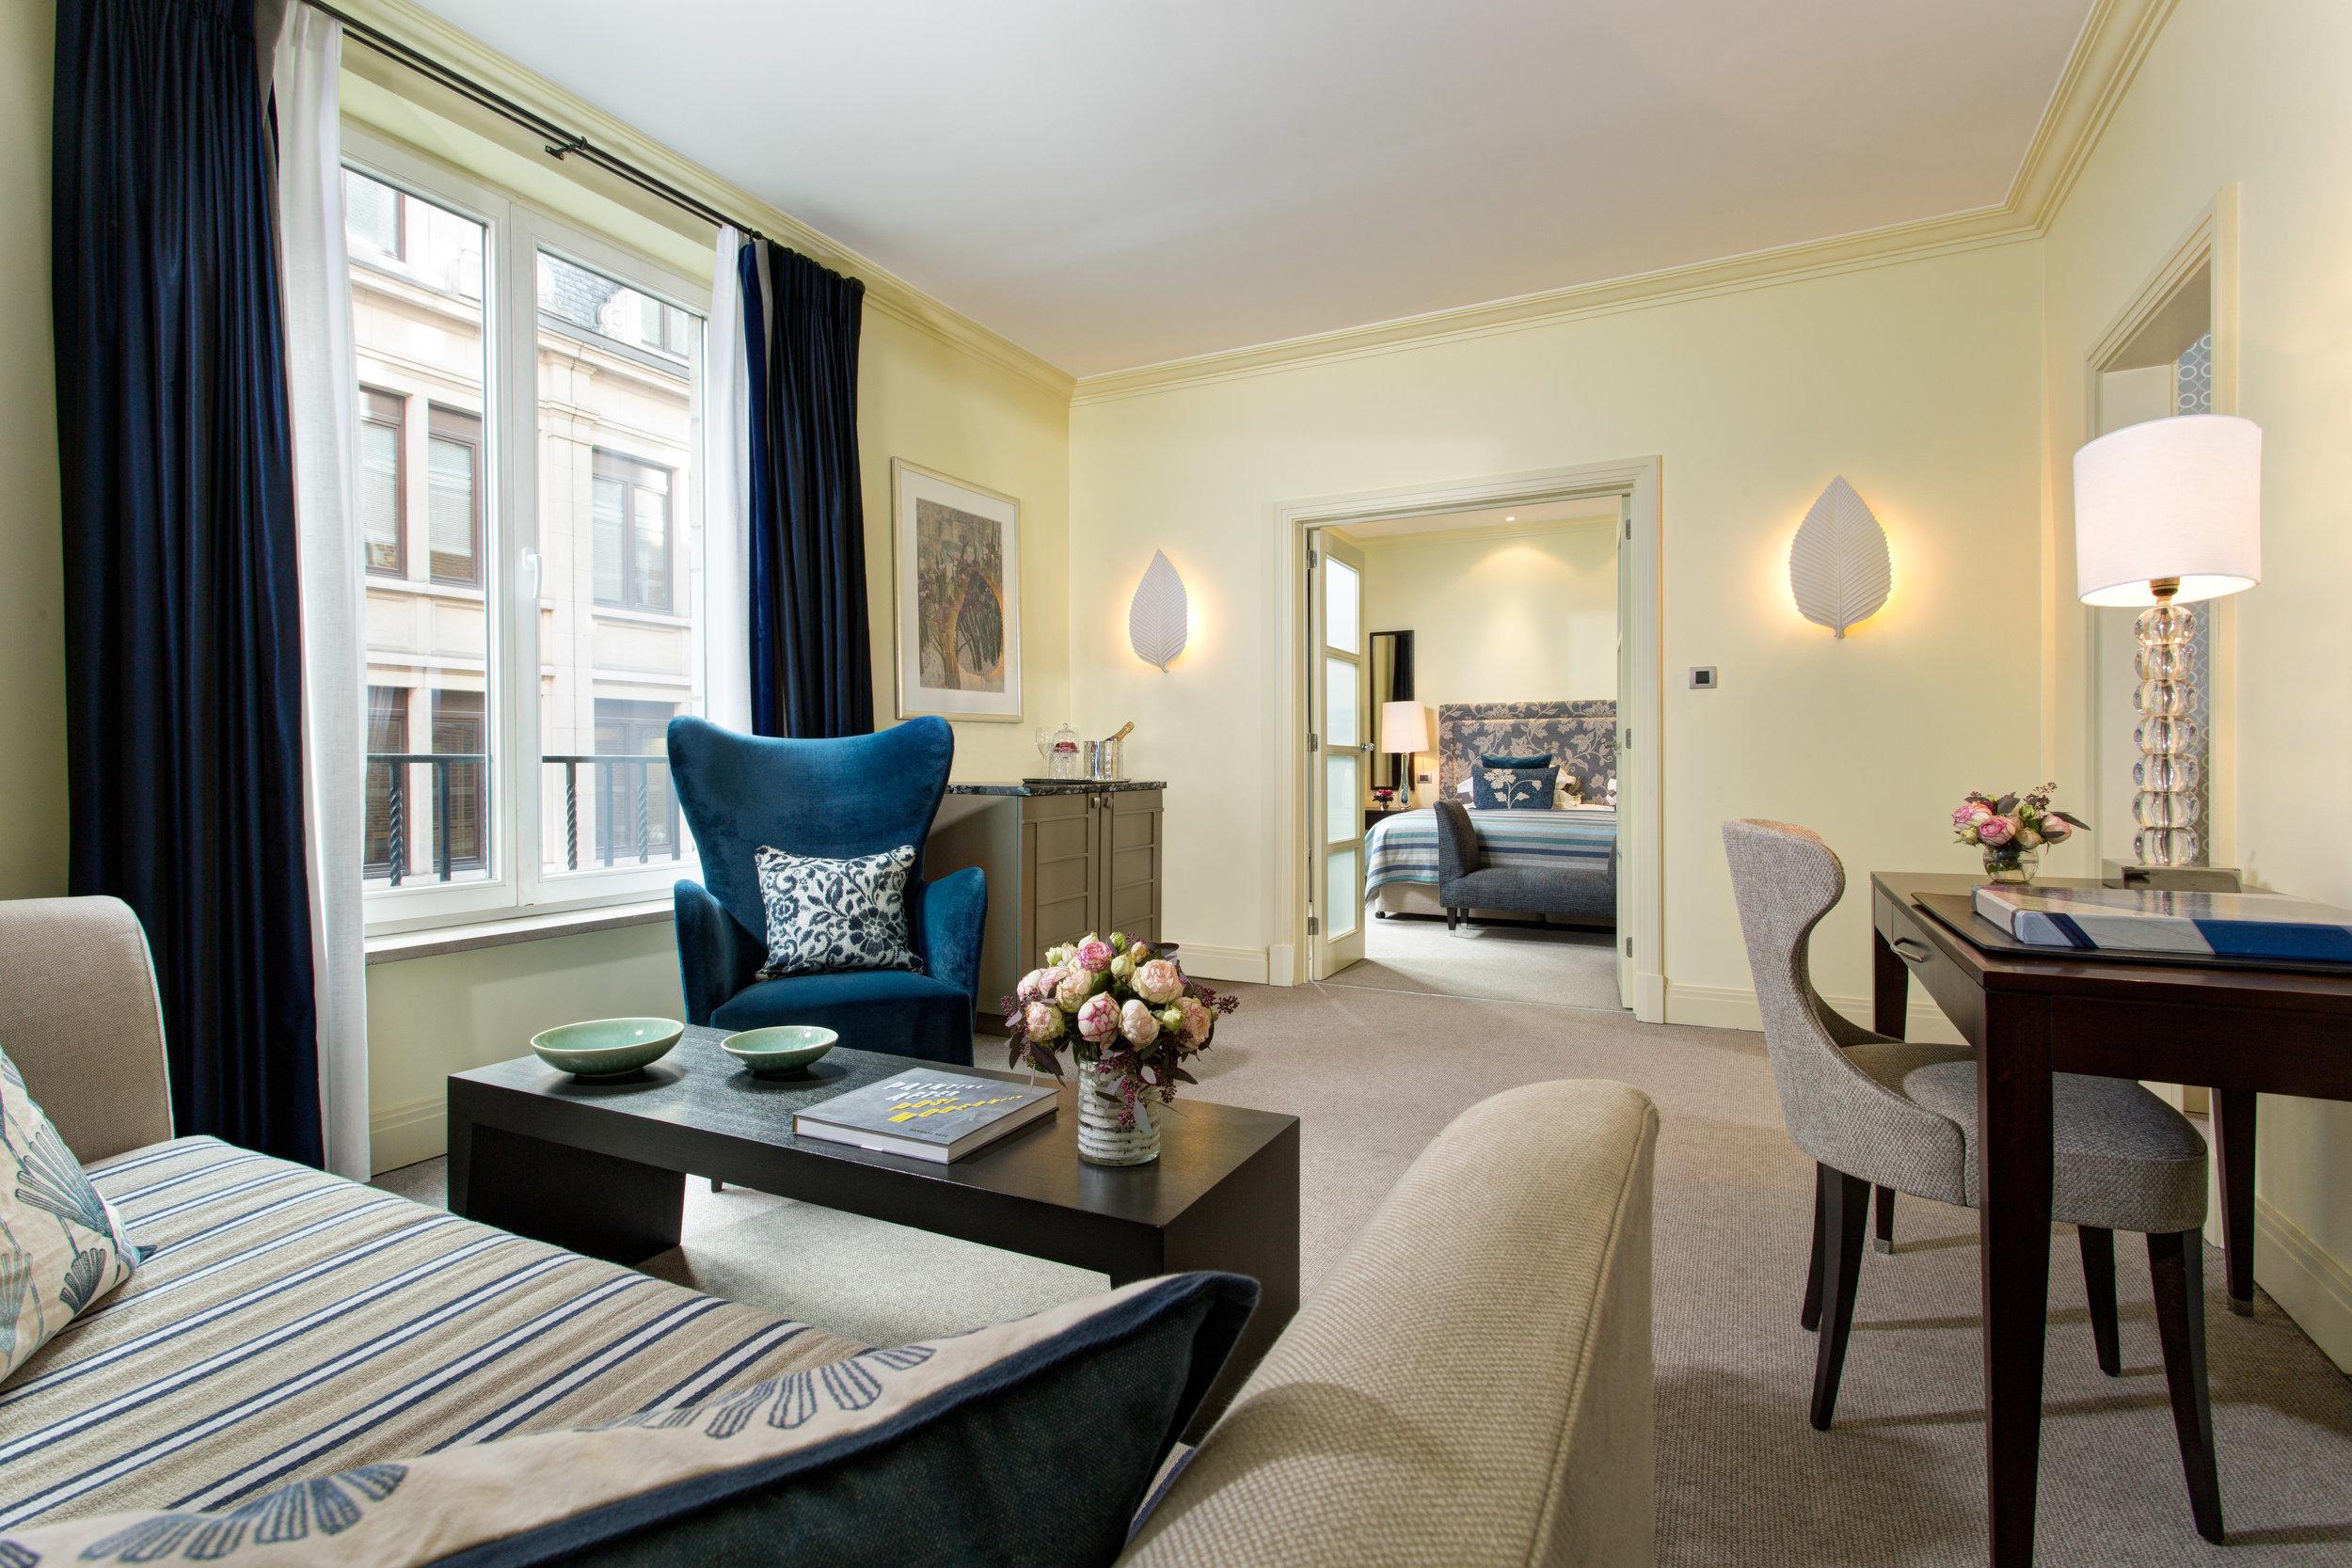 Hotel_Amigo_Junior_Suite_7213_JG_Nov_16.jpg